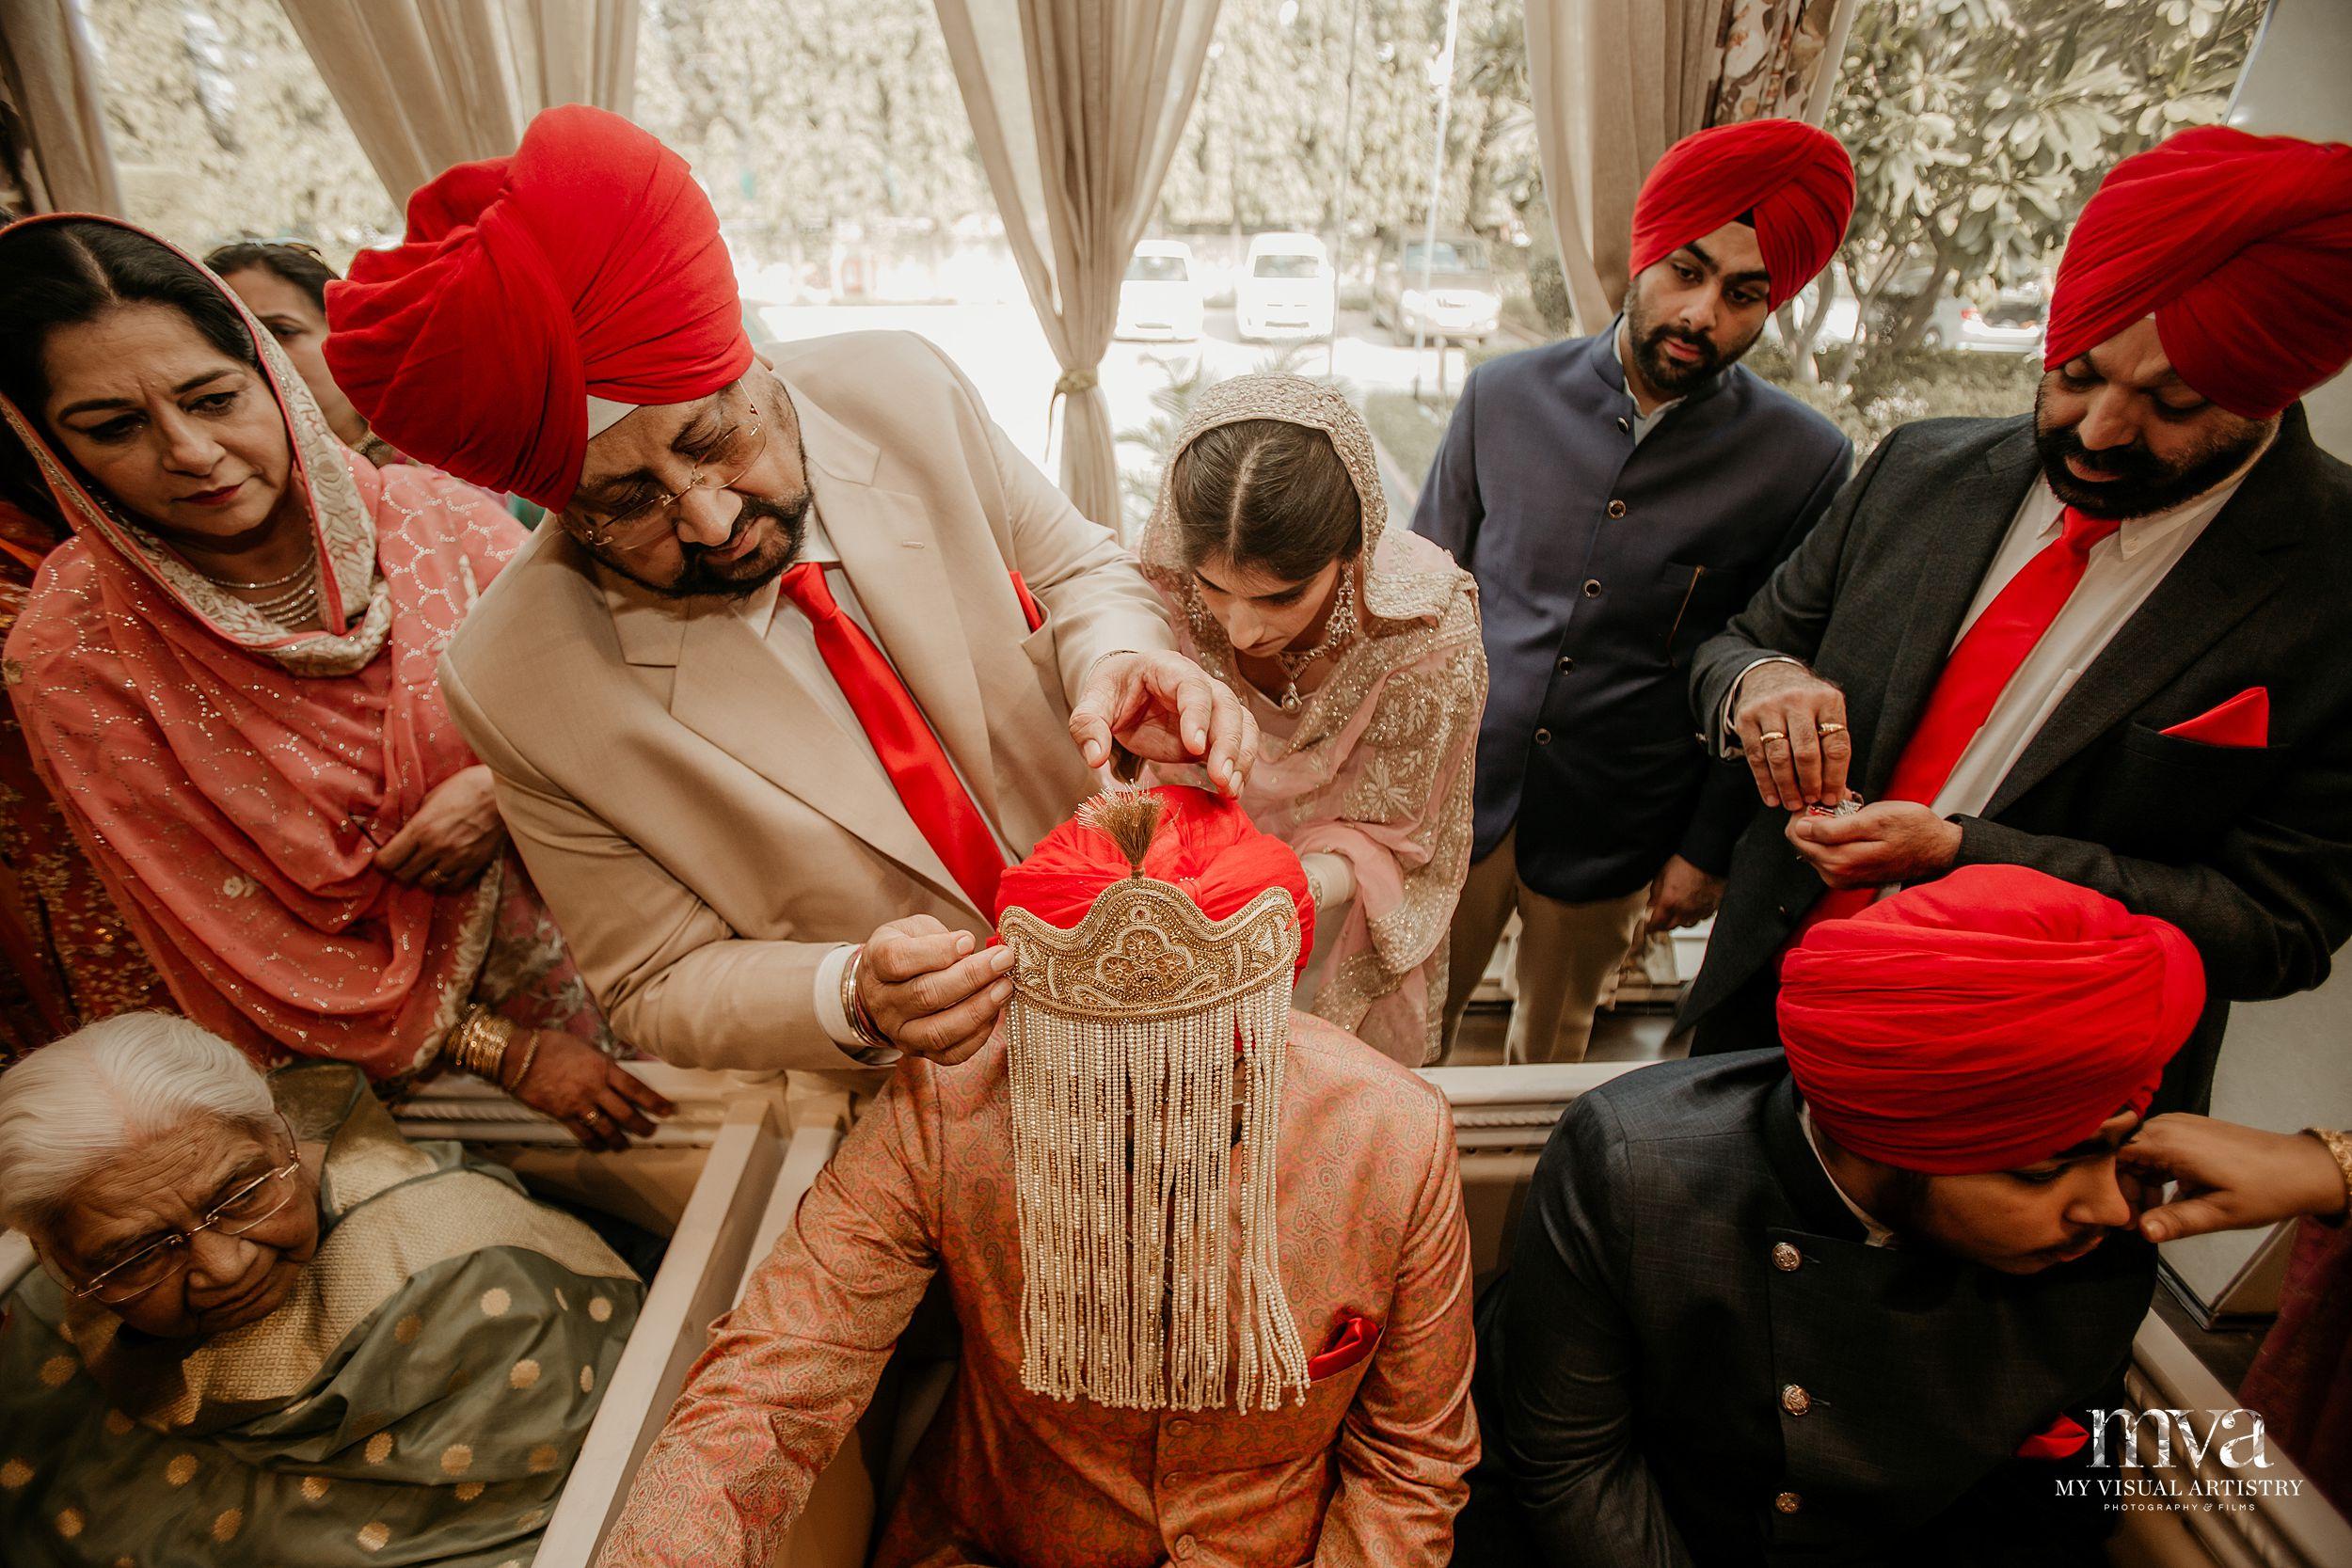 anant_arundhati_myvisualartistry_mva_wedding_sikh_ - 230.jpg